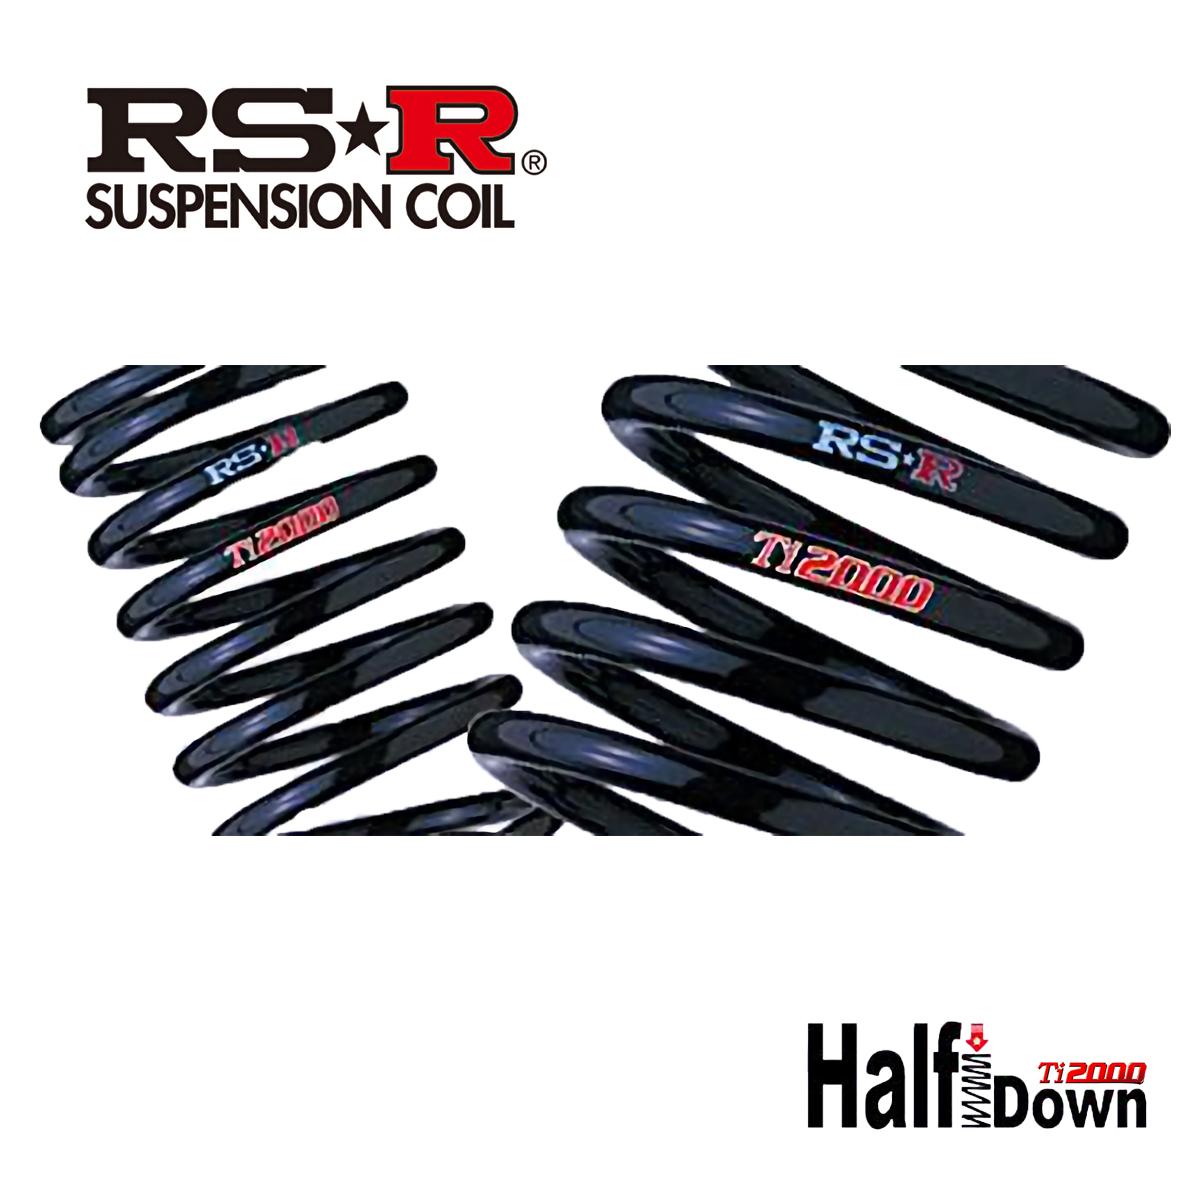 RS-R ルークス B44A ハイウェスターX ダウンサス スプリング リア N166THDR Ti2000 ハーフダウン RSR 個人宅発送追金有